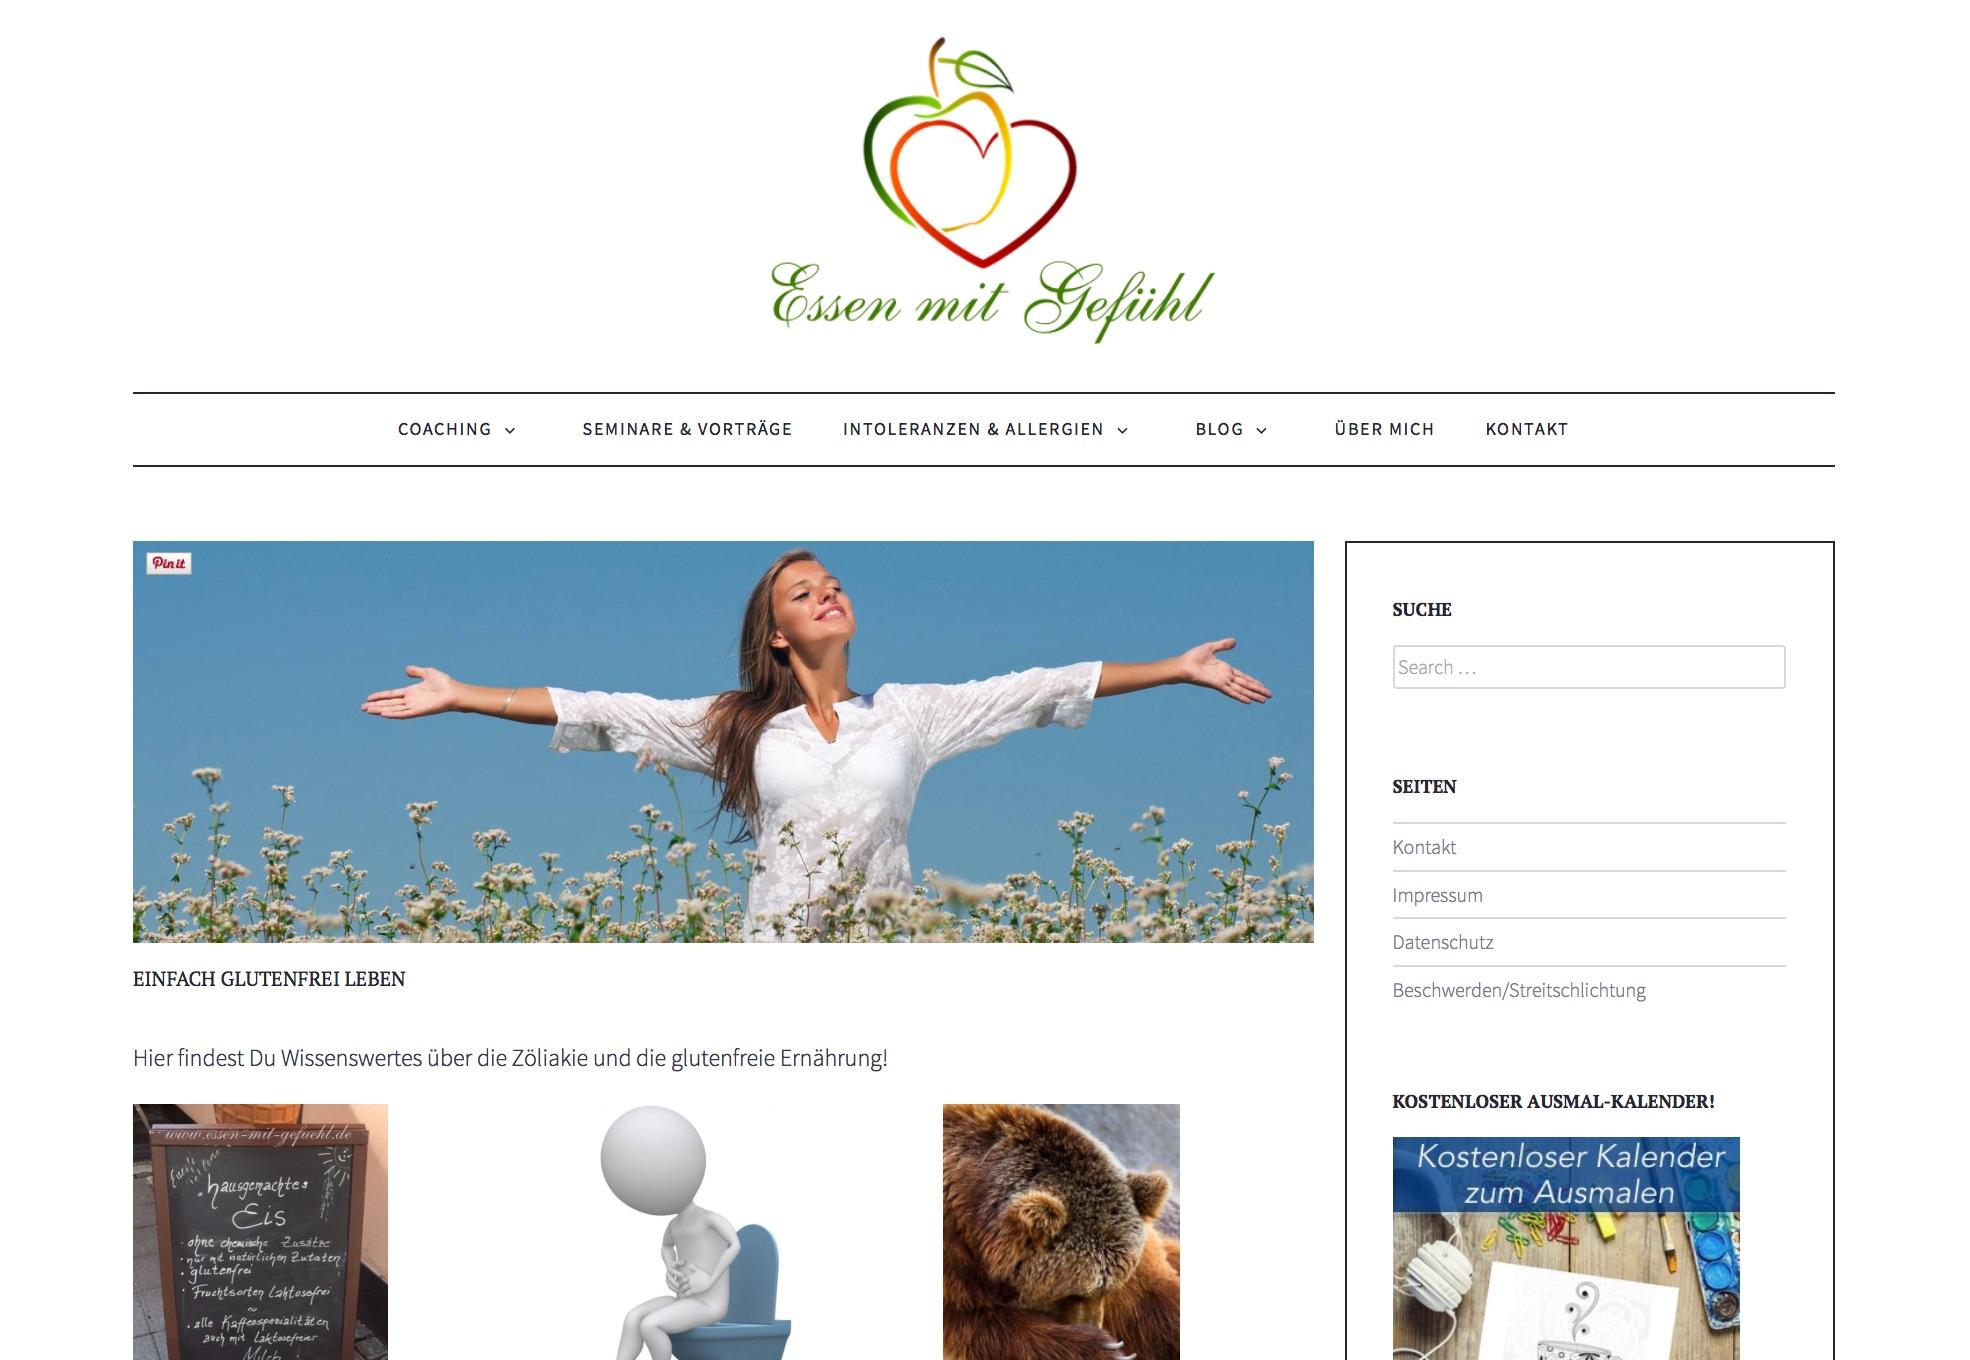 Blog_Julia_Stueber_einfach_glutenfrei_Leben_Essen_mit_Gefühl